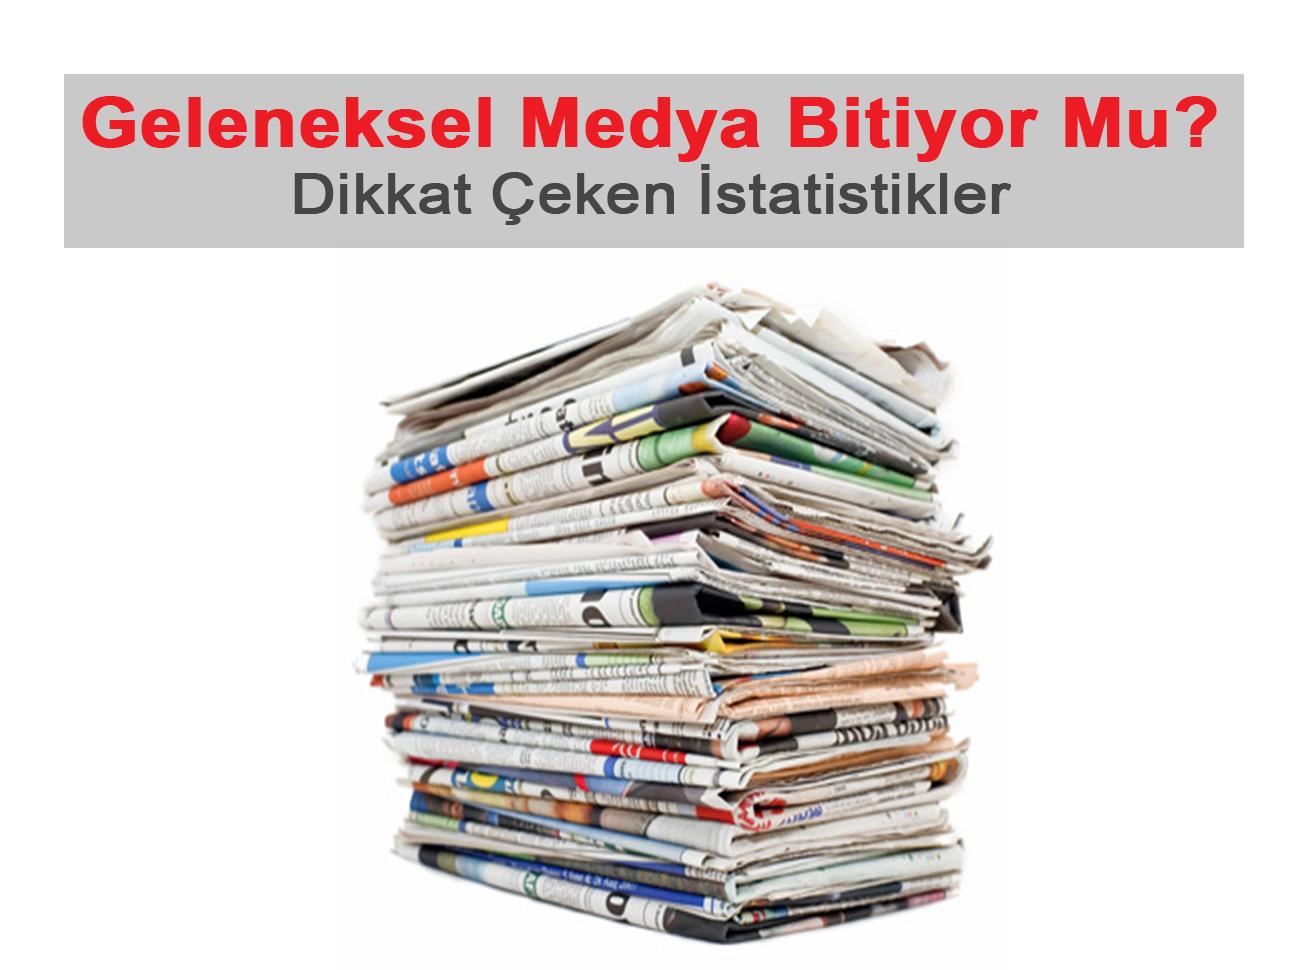 Geleneksel Medya Bitiyor: Gazete Ve Dergilerin Sayısı Gün Geçtikçe Azalıyor